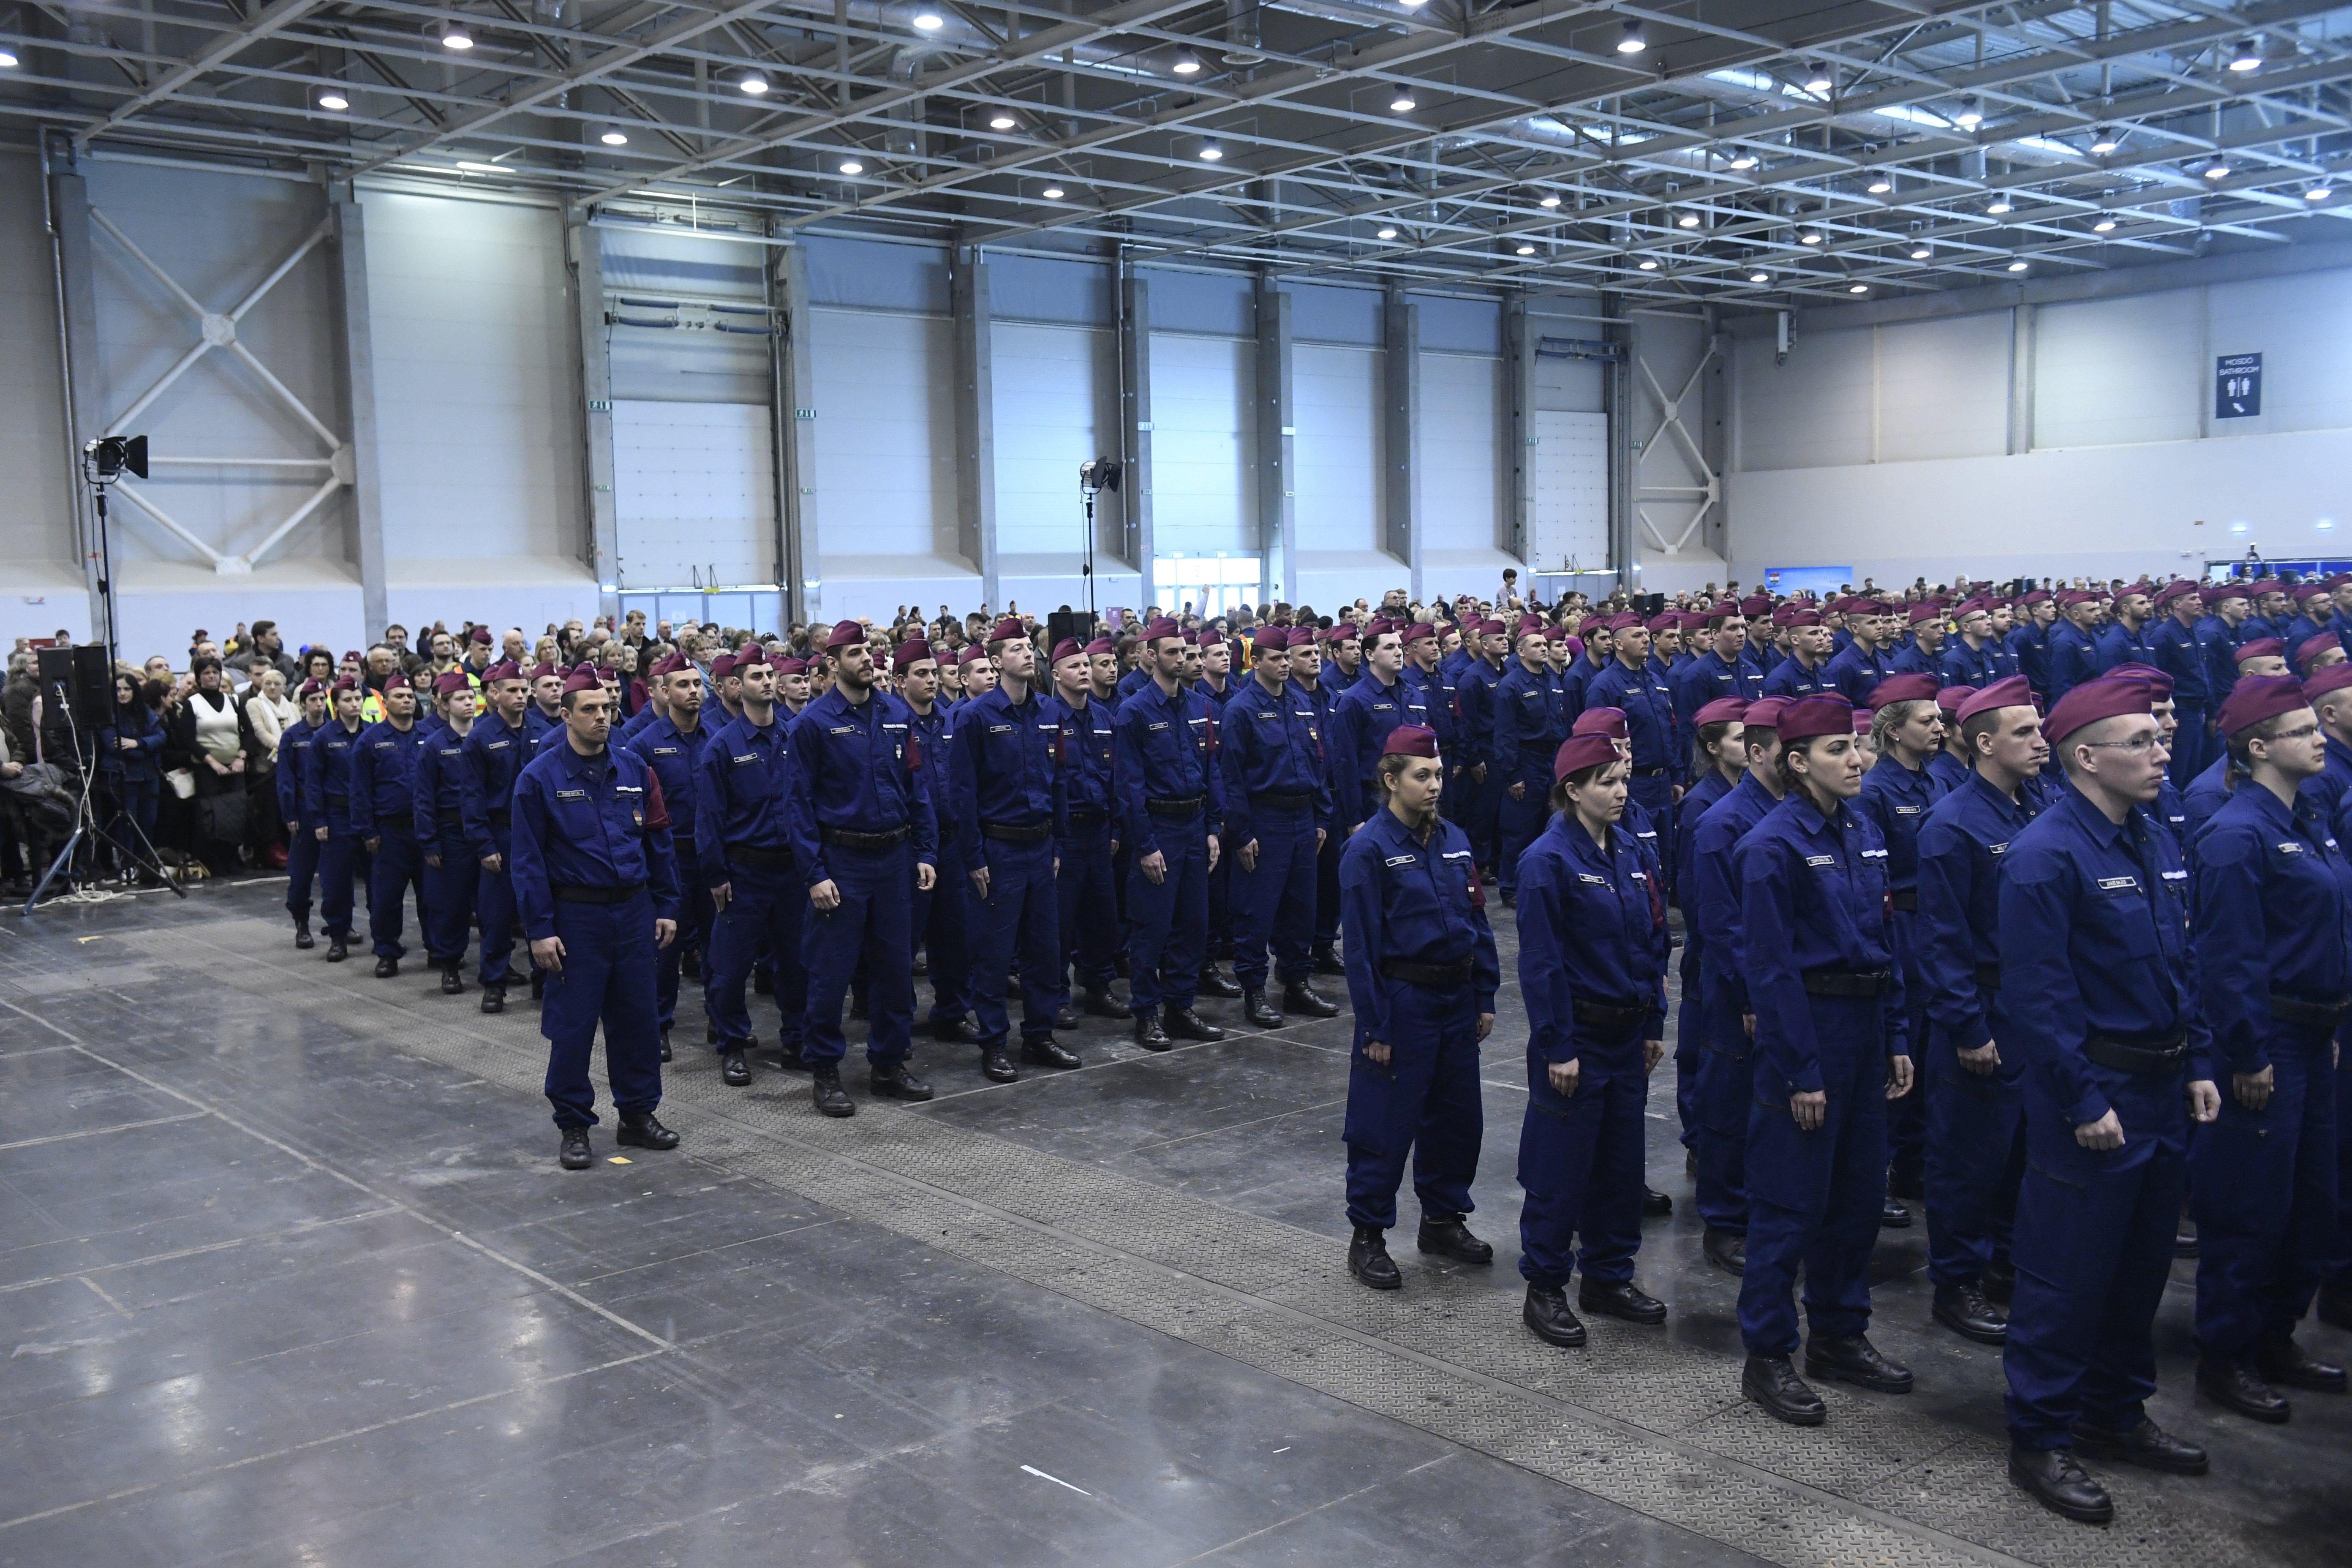 A határvadászképzés második és harmadik ütemében kinevezett tiszthelyettesek az ünnepélyes eskütétel előtt a budapesti Hungexpón. MTI Fotó: Koszticsák Szilárd